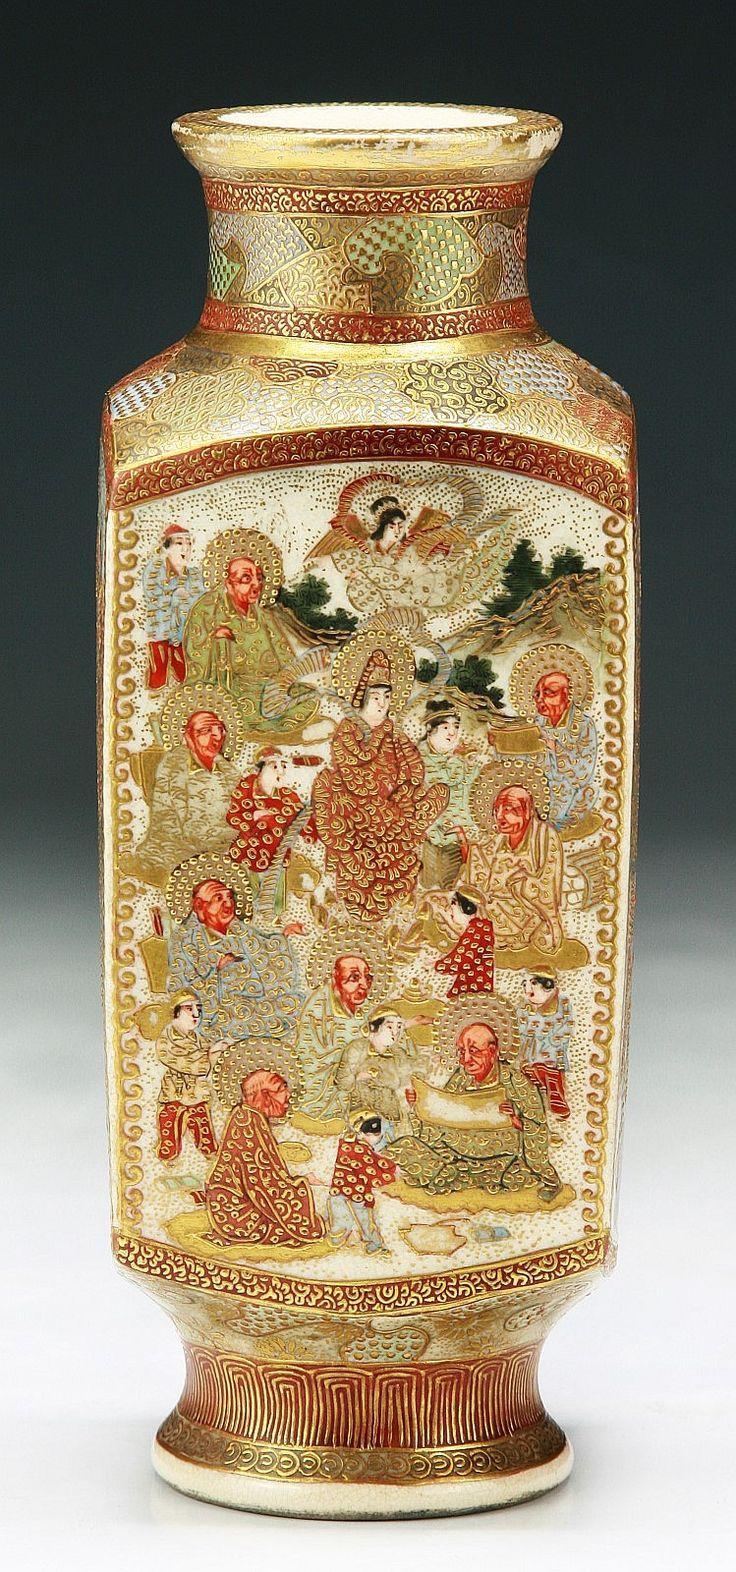 337 Best Gorgeous Vases Images On Pinterest Glass Vase Vases And Flower Vases